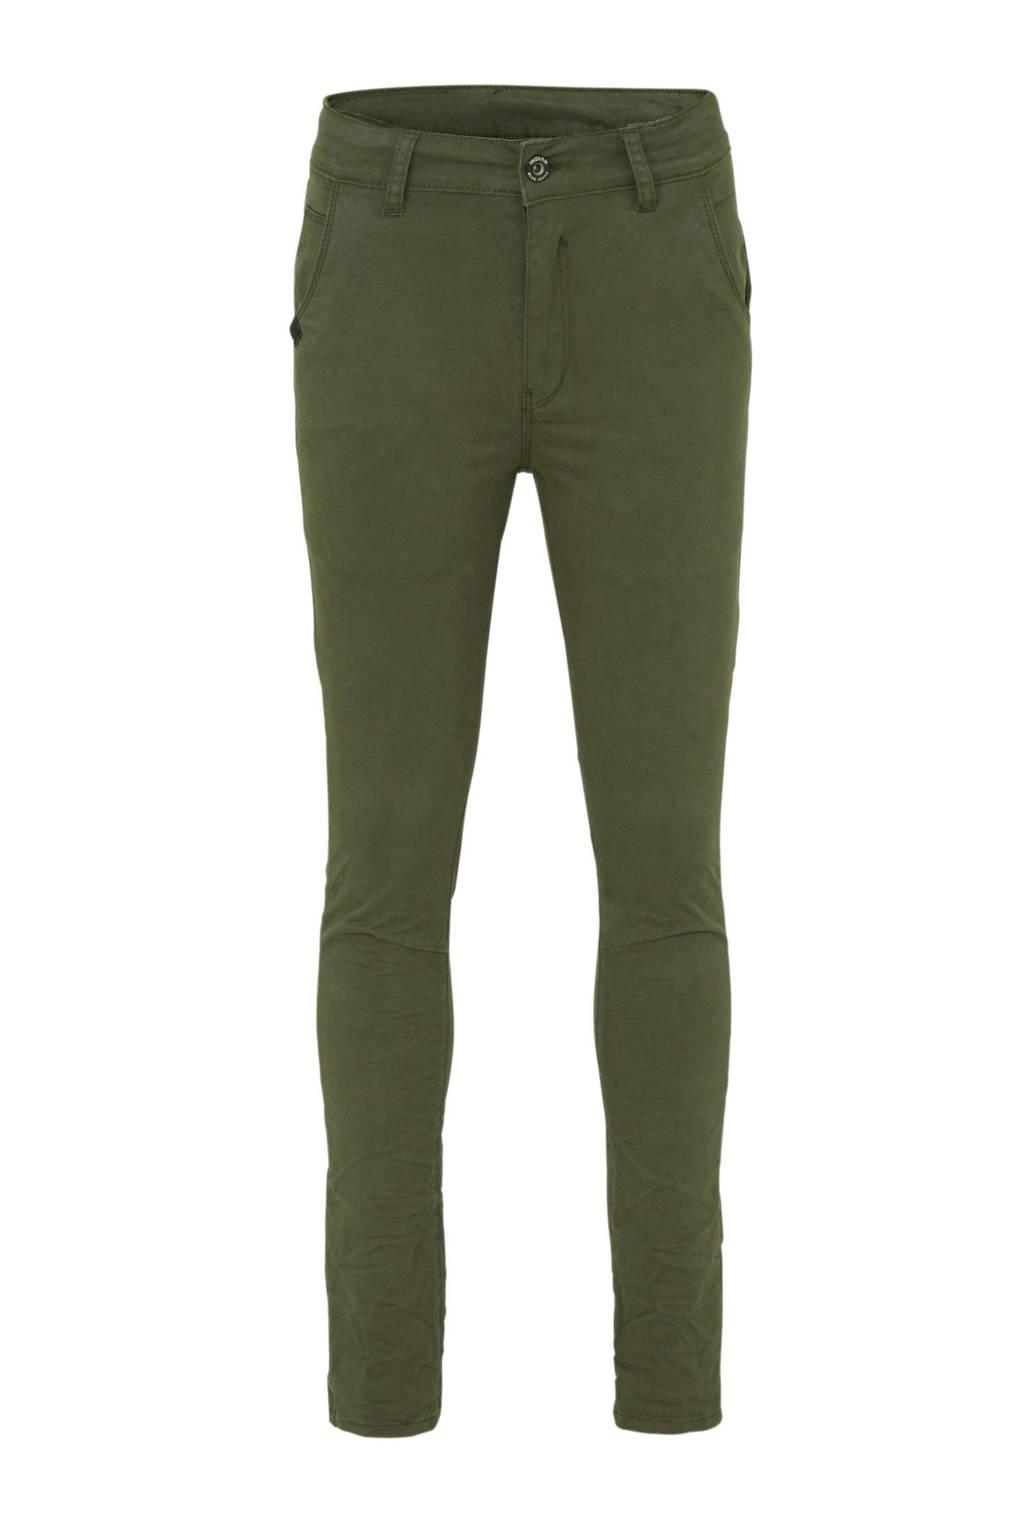 Indian Blue Jeans skinny broek army groen, Army groen